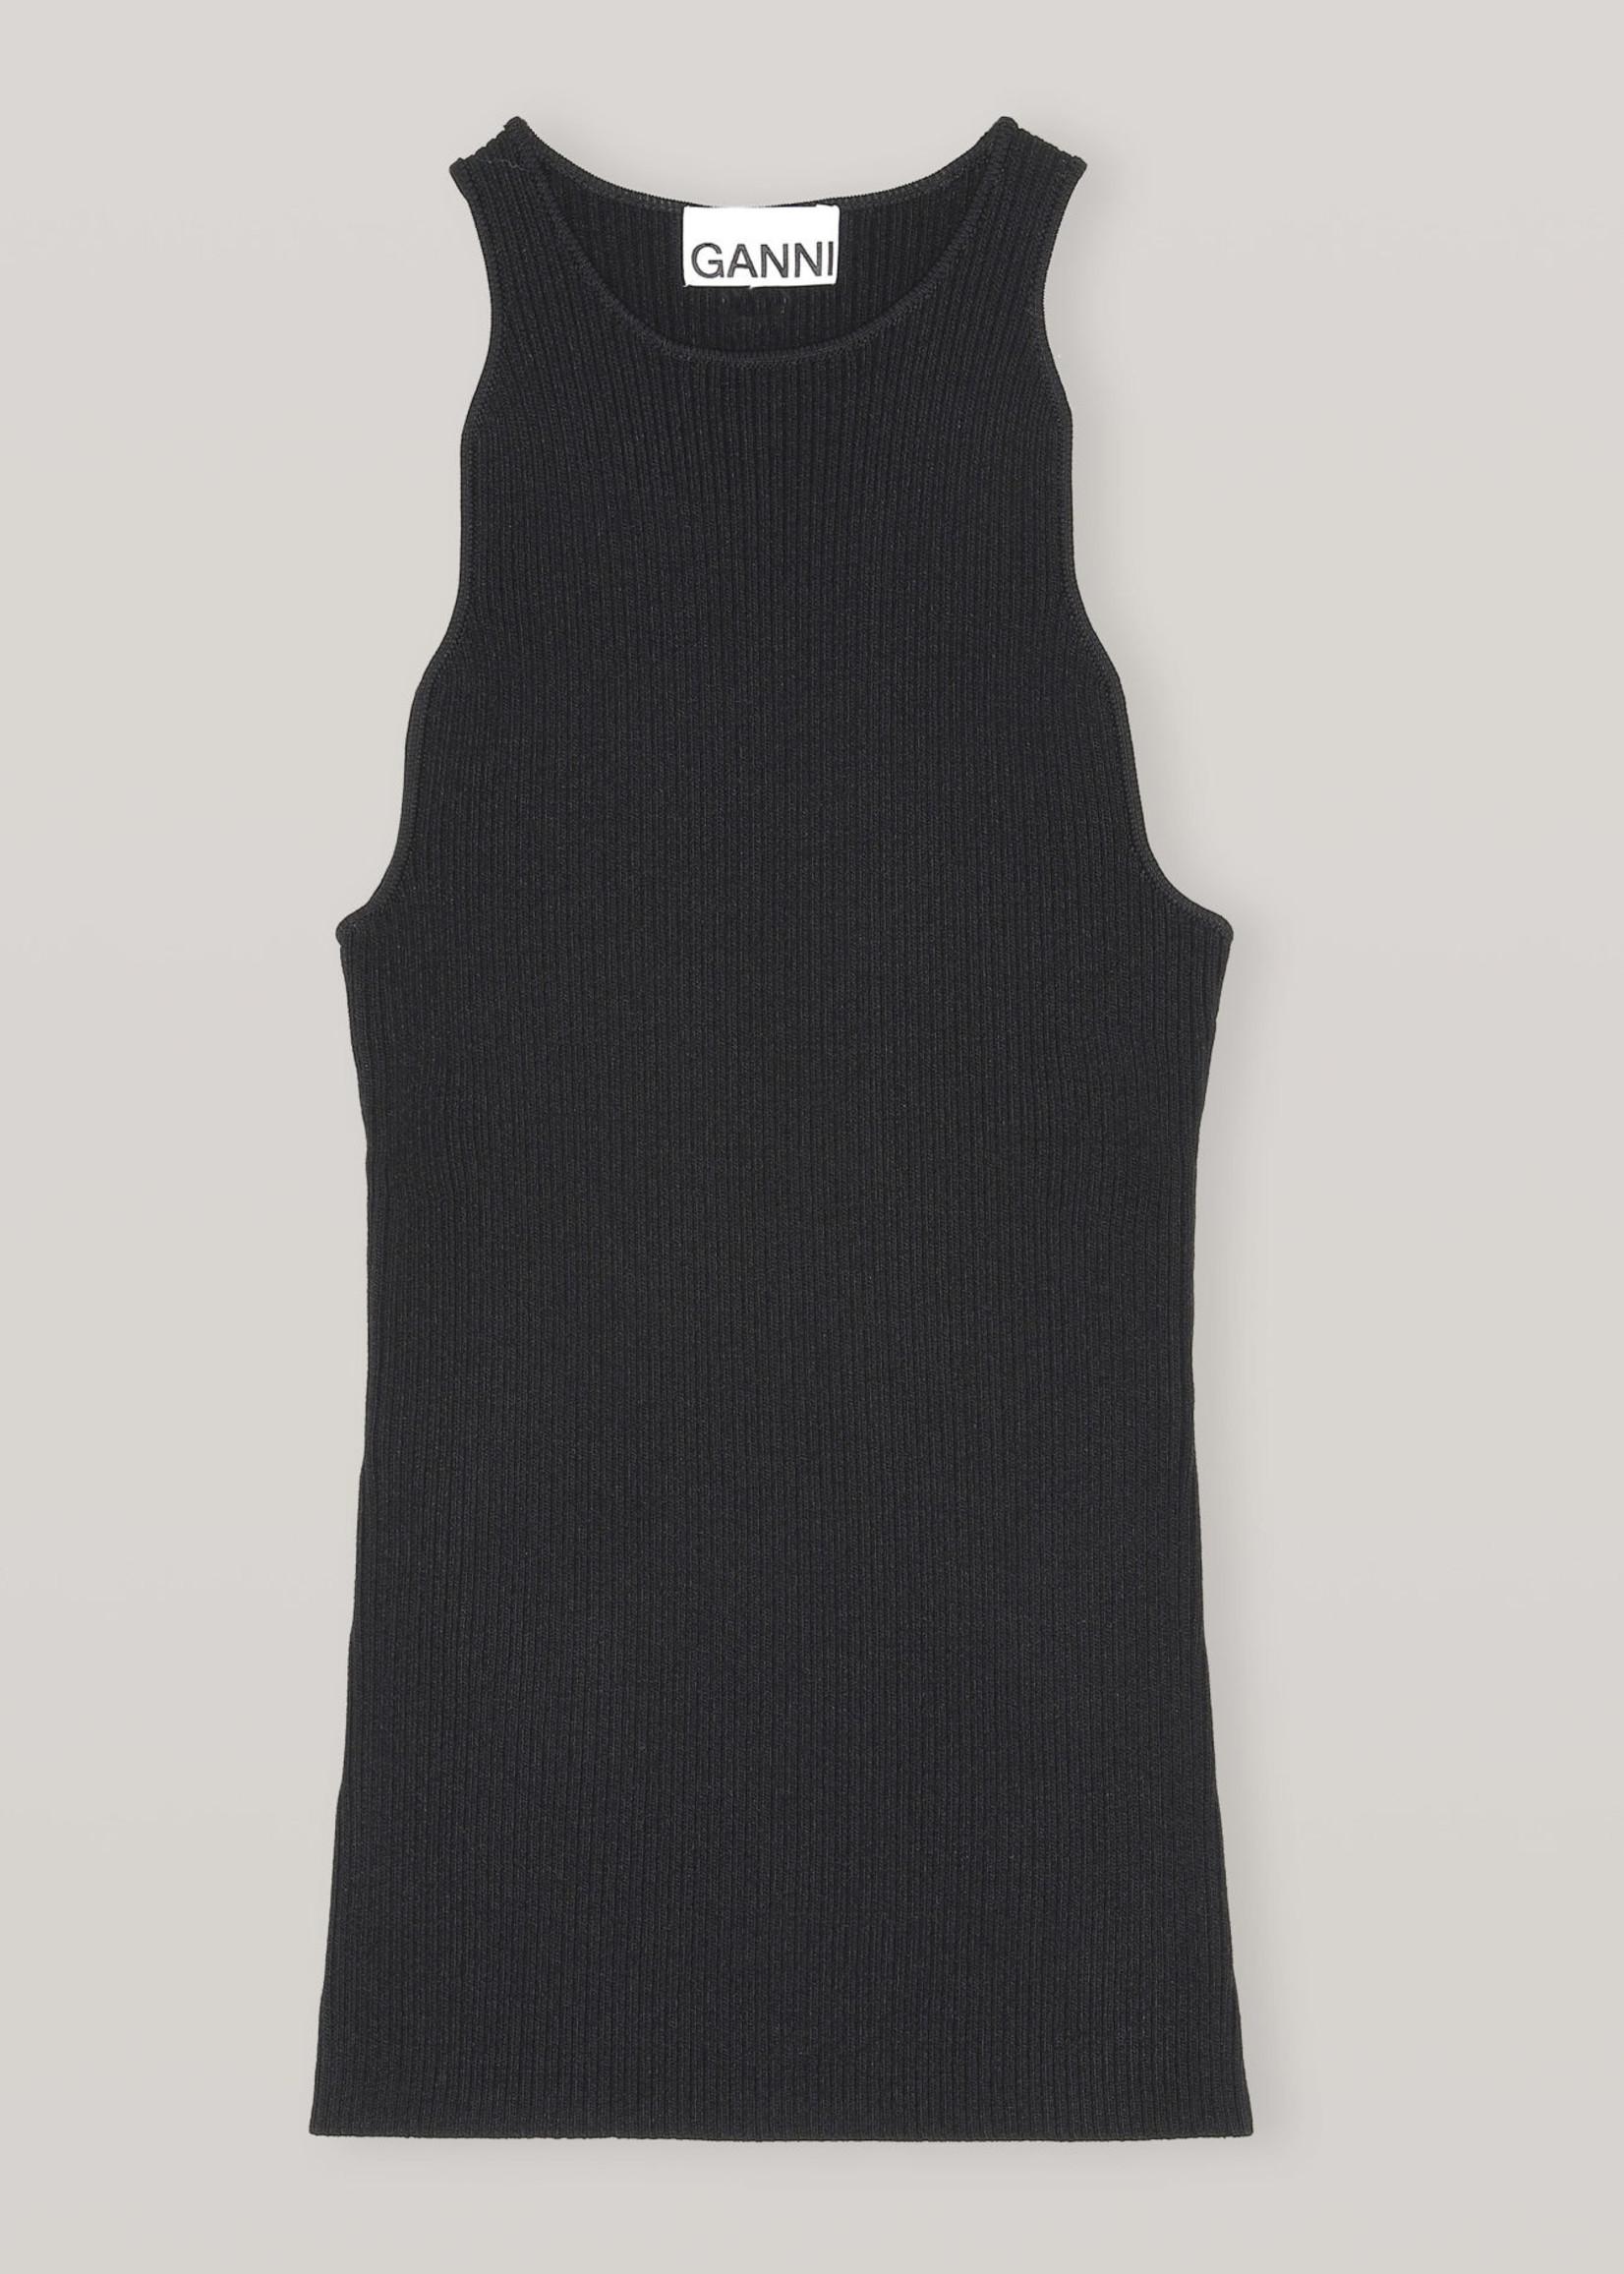 GANNI Melange Knit Wavy Tank in Black